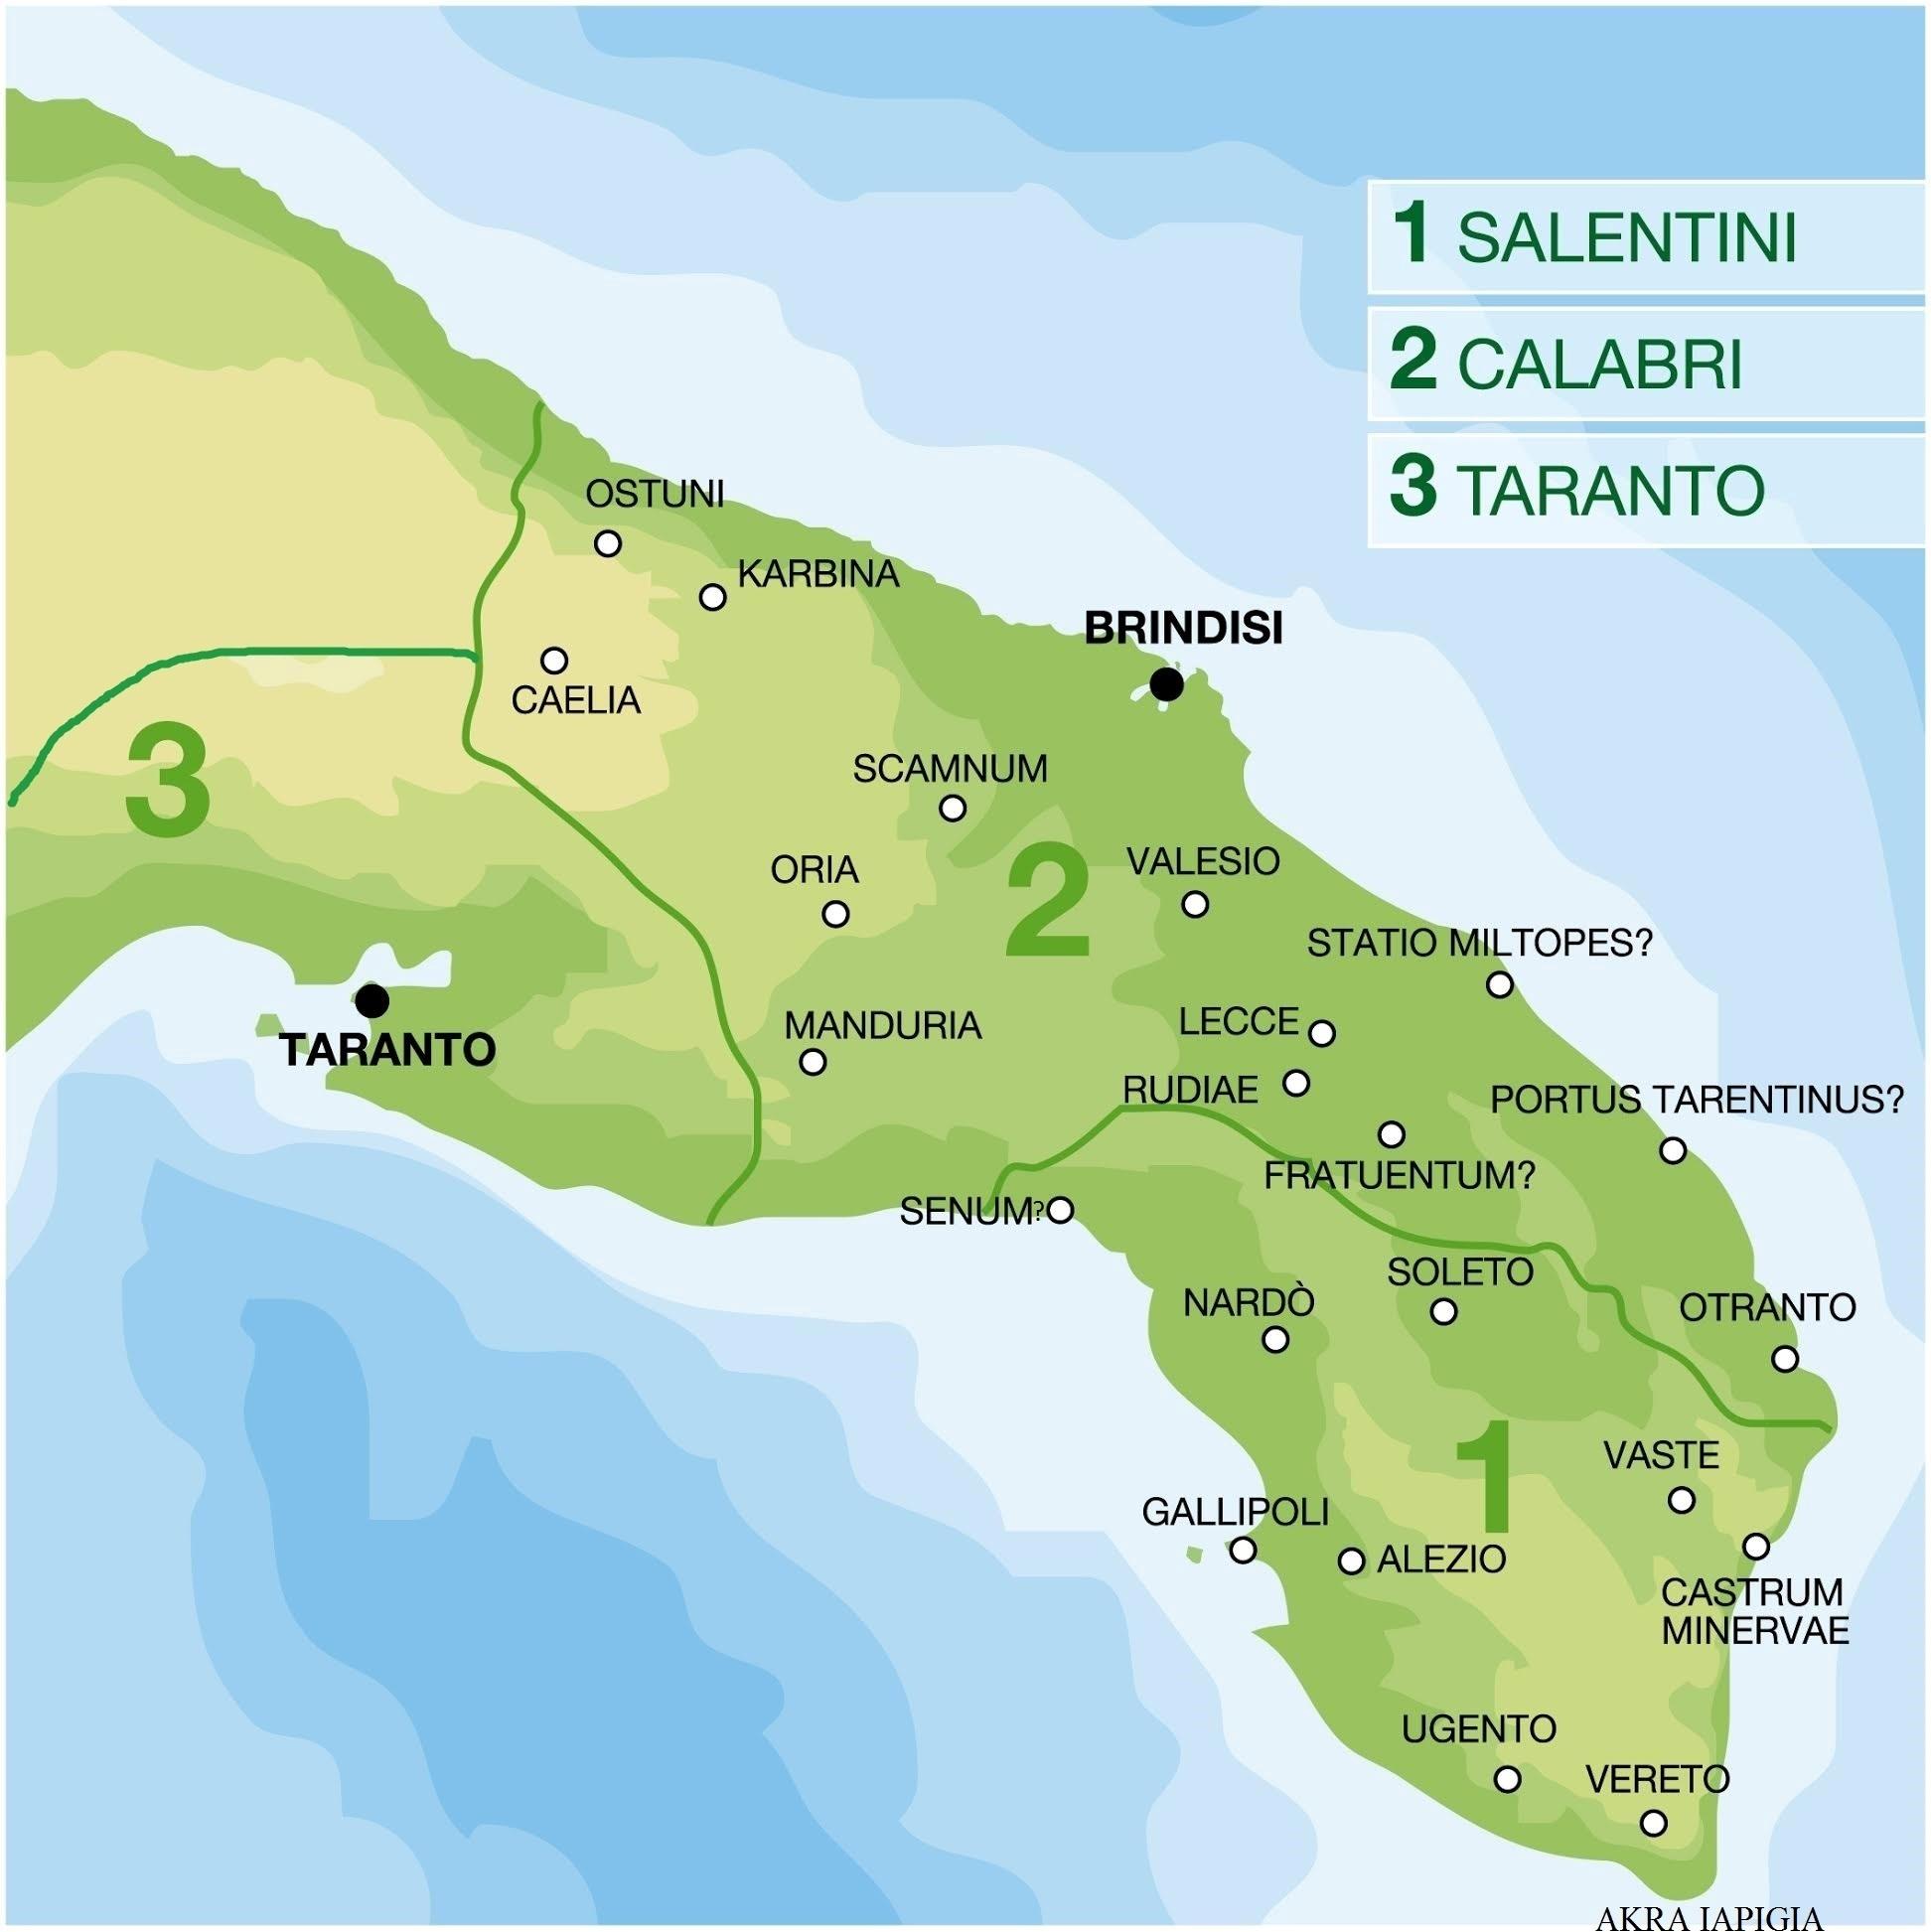 La penisola salentina nelle fonti narrative antiche